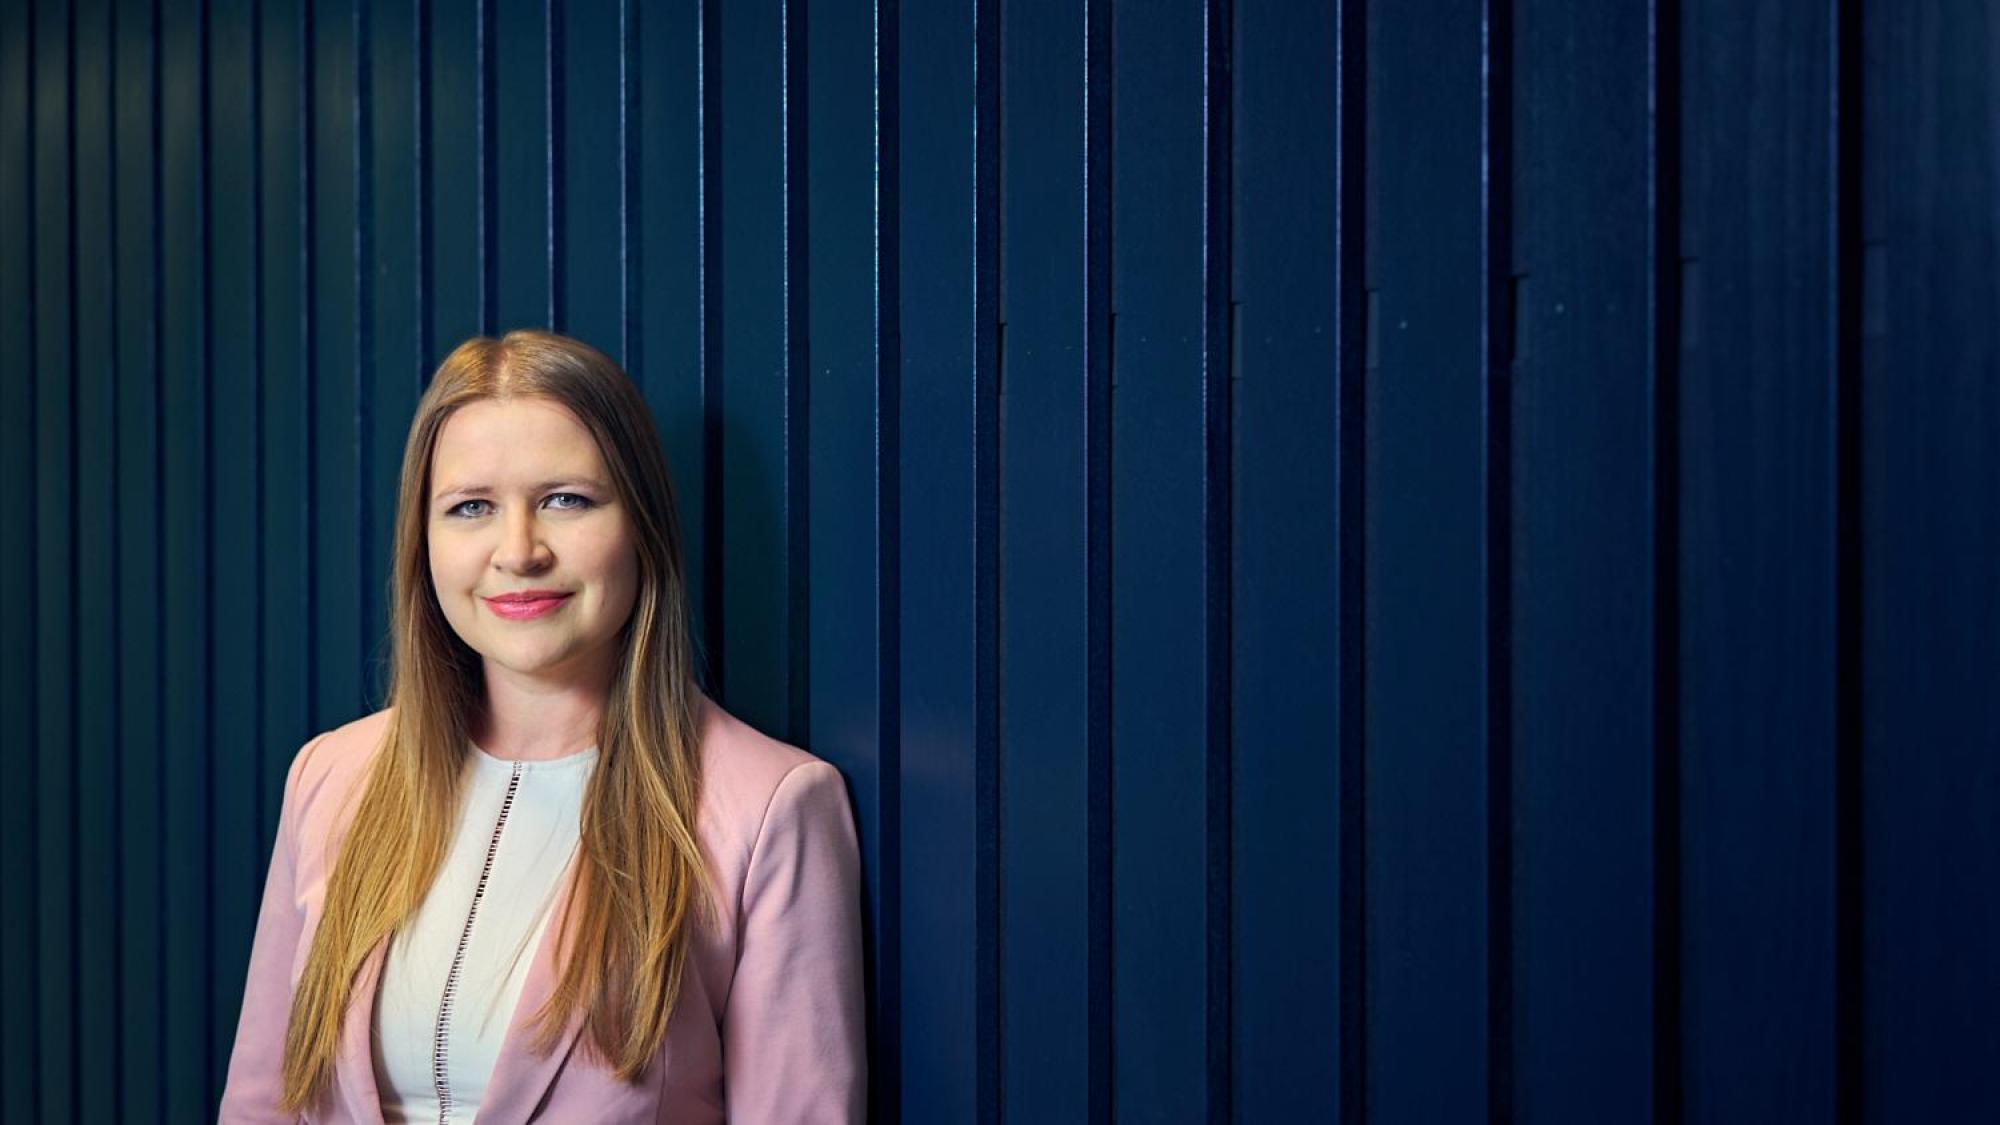 Henkilöpotretissa Alexandra Middleton, Oulun yliopiston kauppakorkeakoulun apulaisprofessori